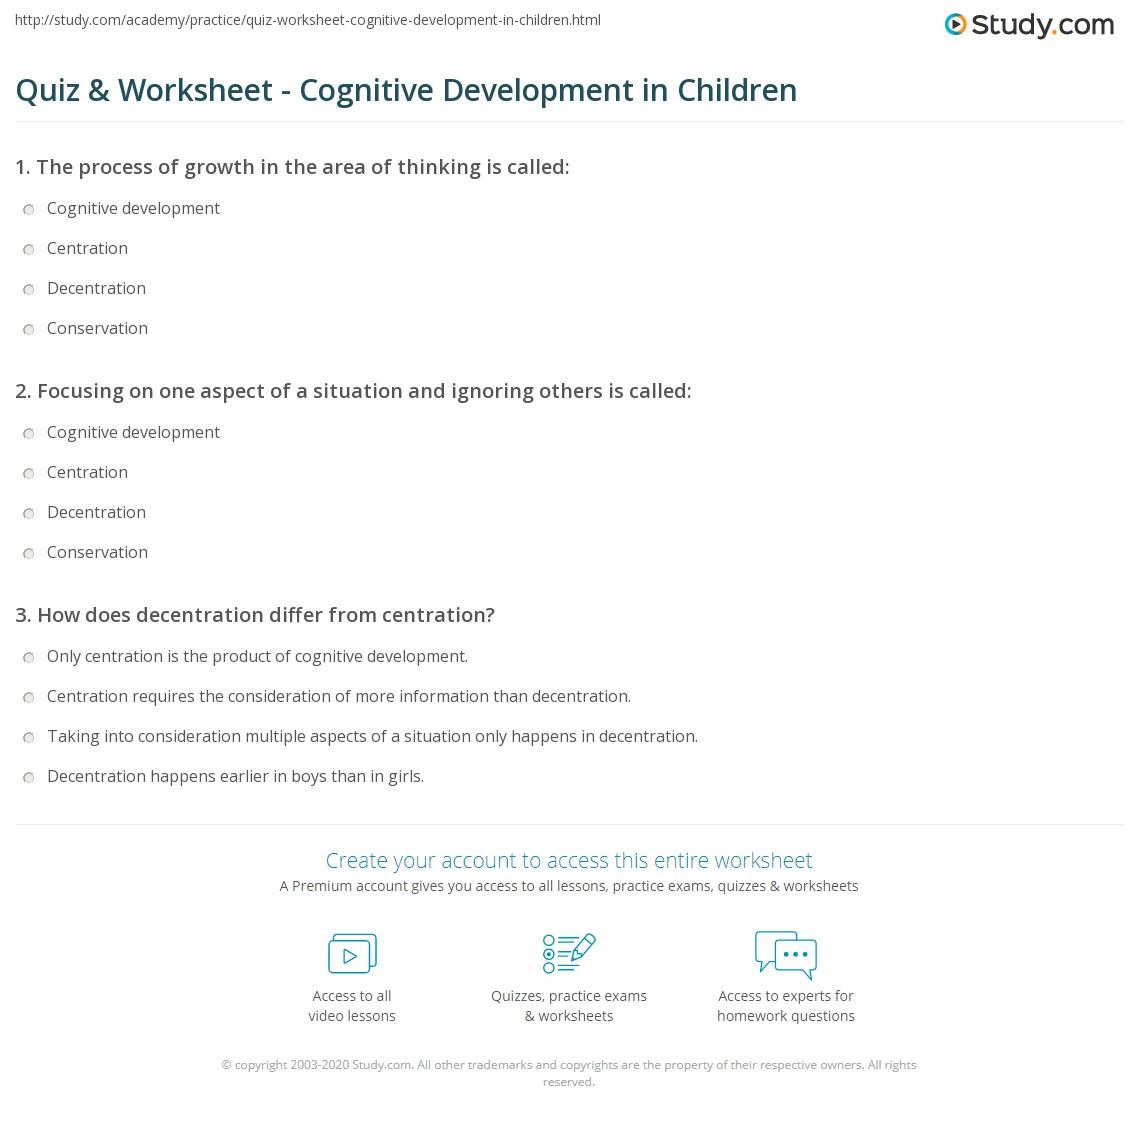 Quiz Worksheet Cognitive Development In Children Studycom